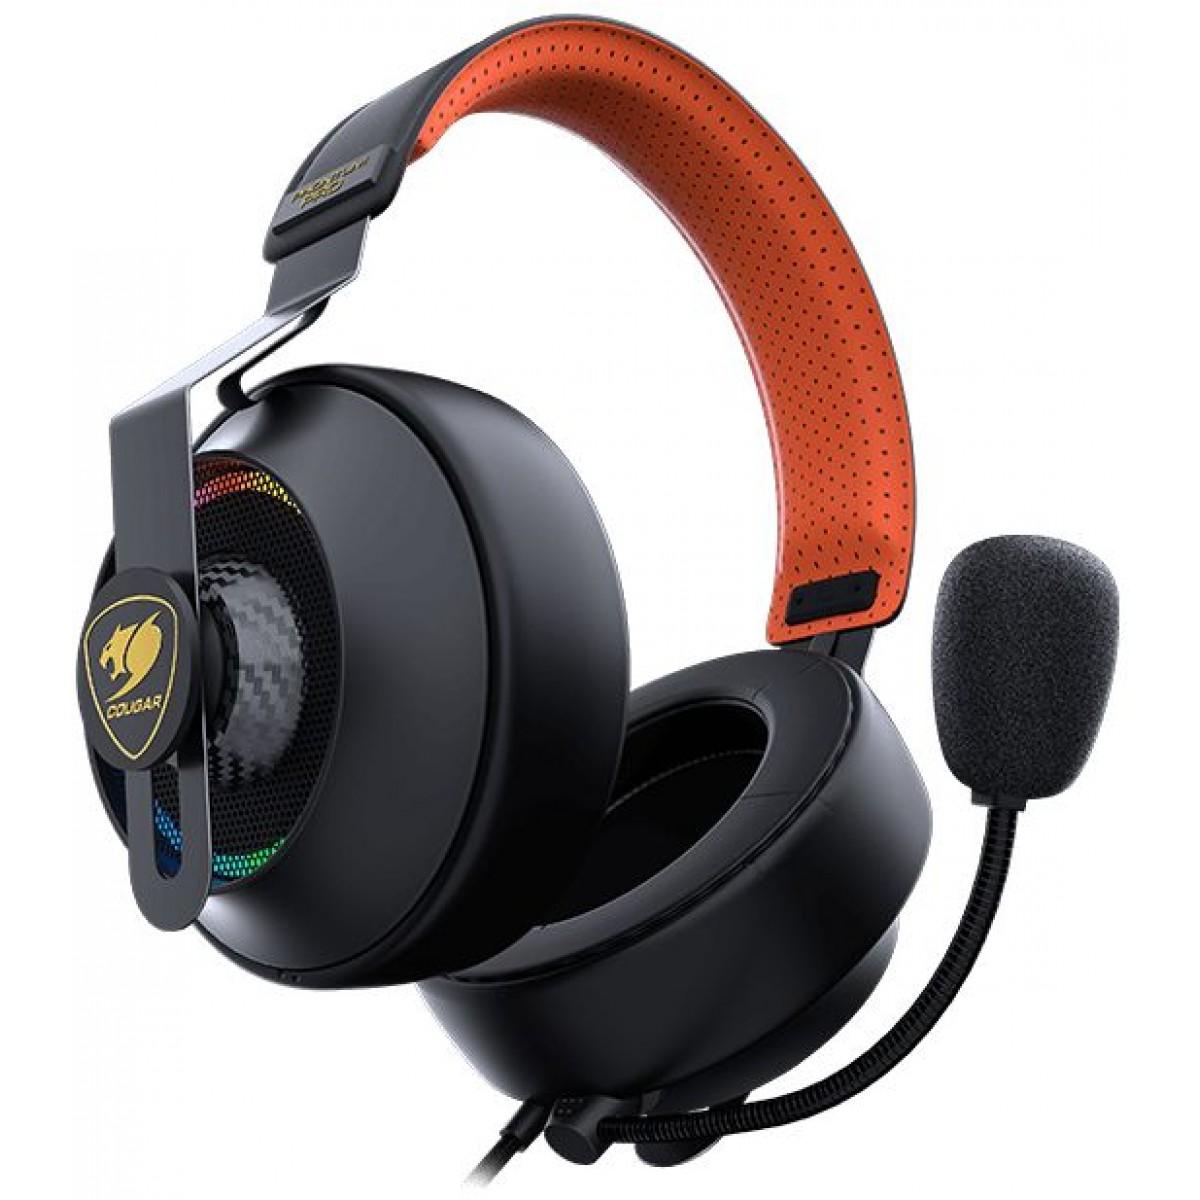 Headset Gamer Cougar Phontum Pro, RGB, 7.1 Surround, 3H800P53B.0001